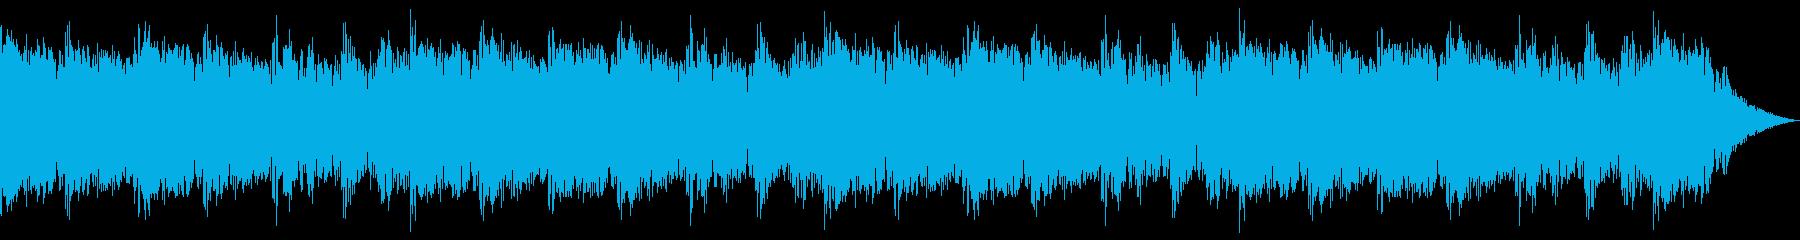 バトルBGM エスニックパーカッションの再生済みの波形